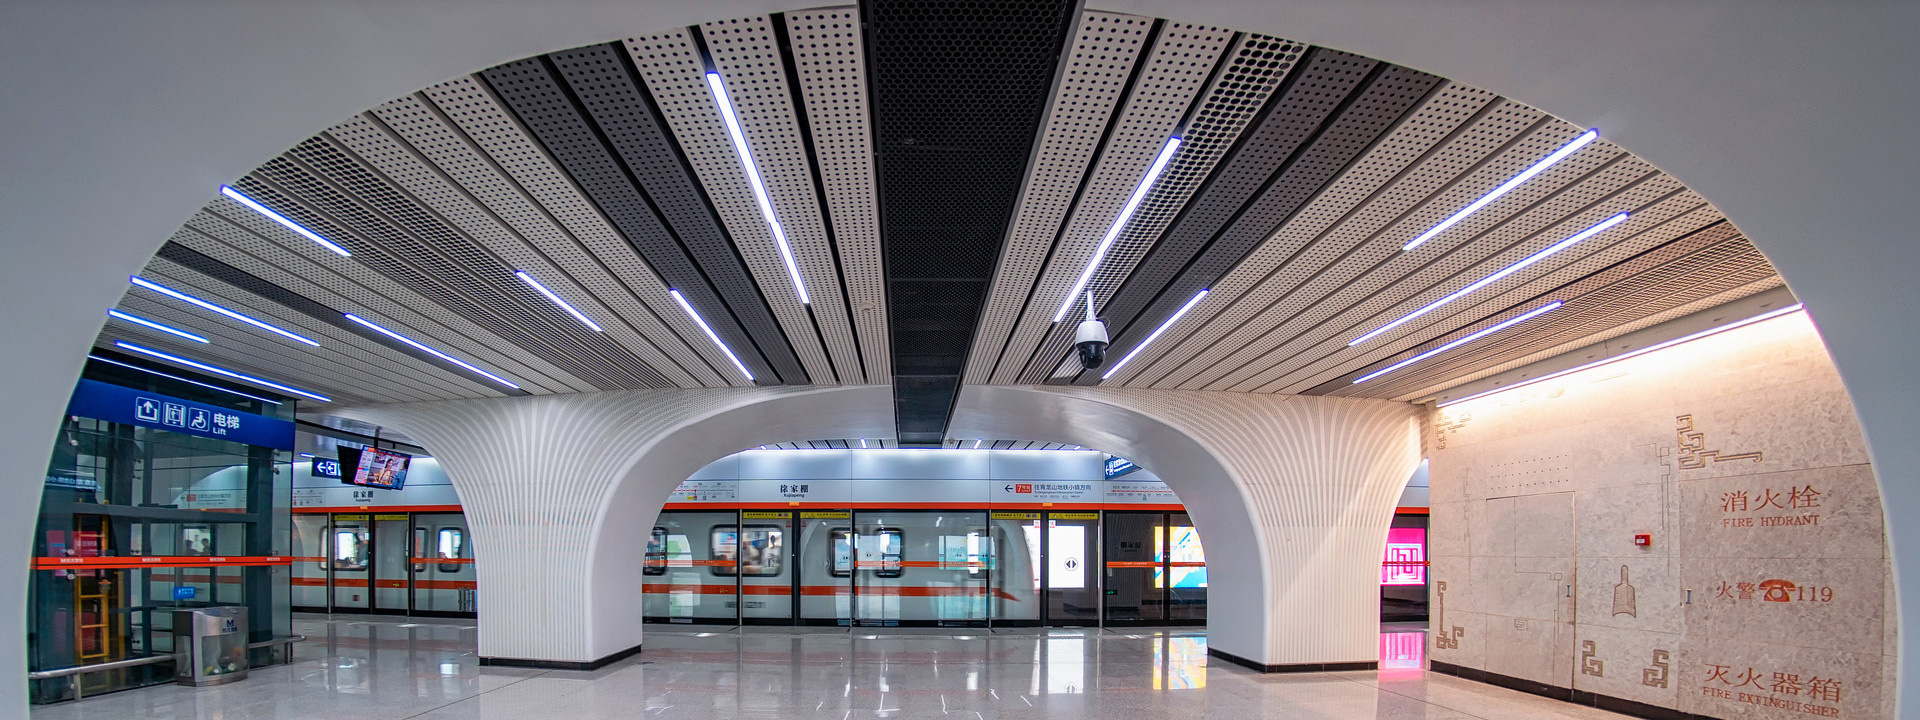 河南中隧工程装备有限公司